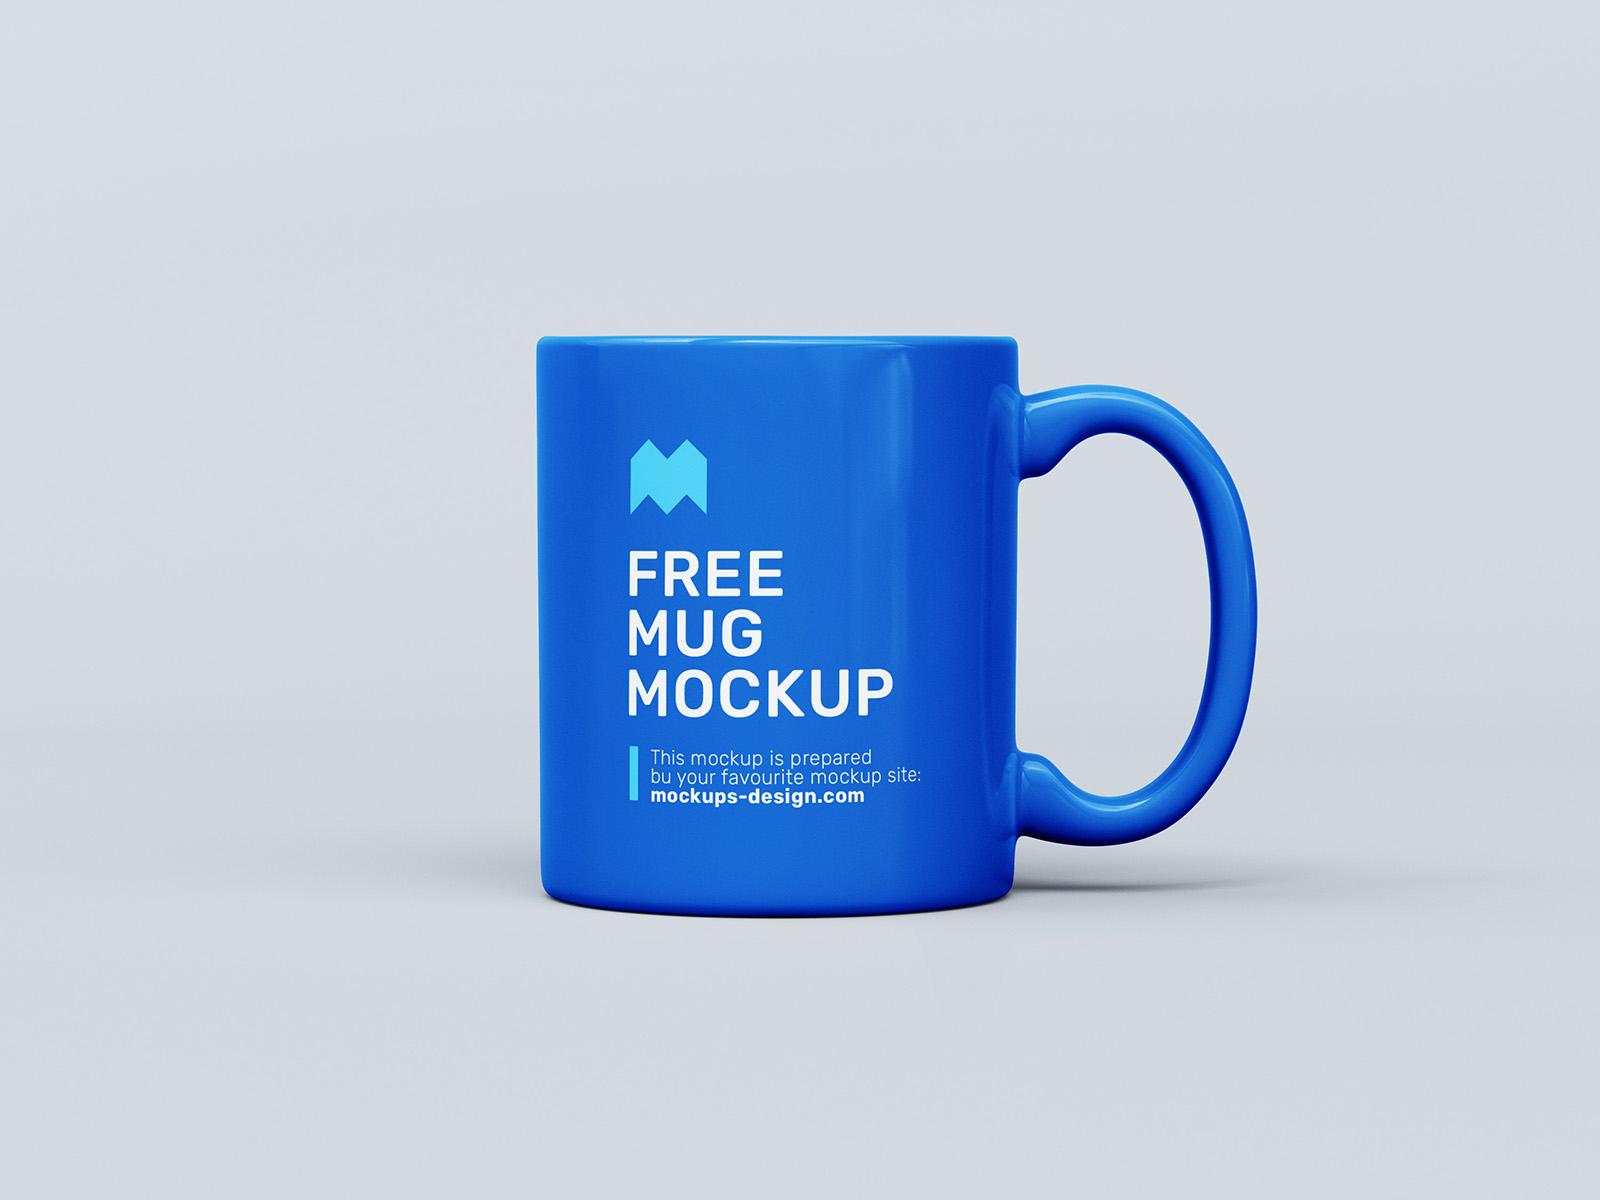 免费杯子样机